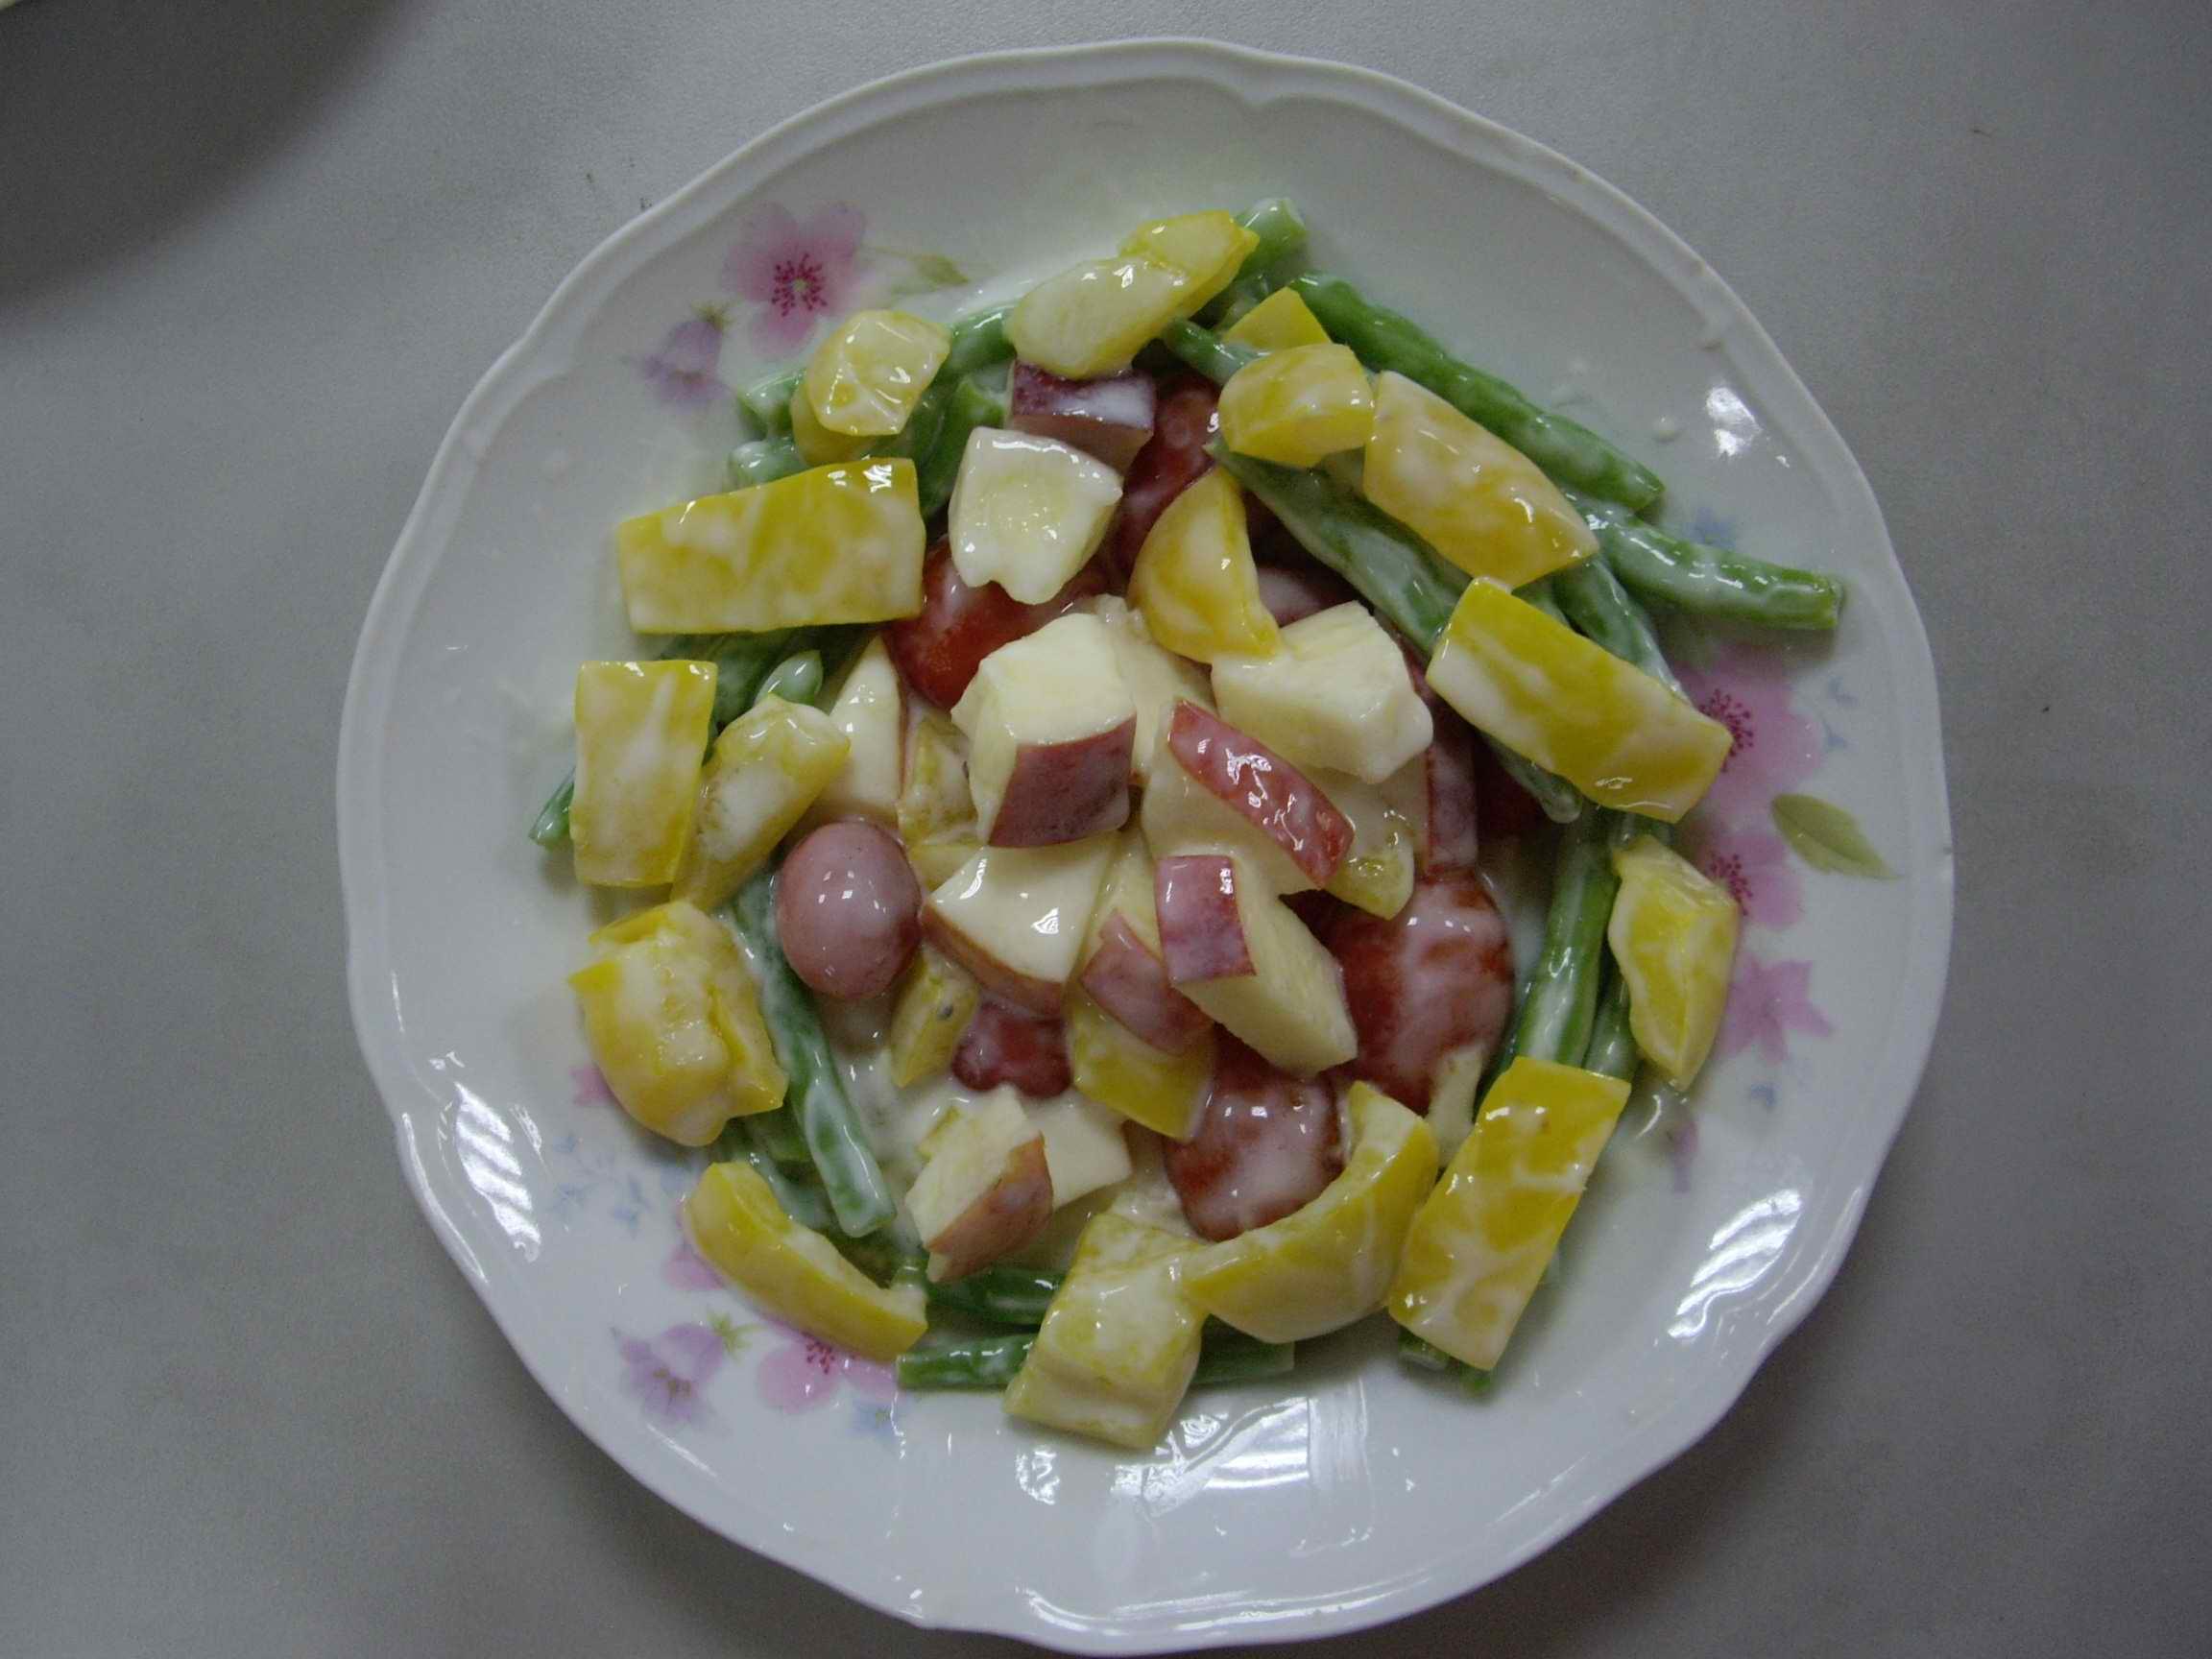 鮮蔬優格沙拉